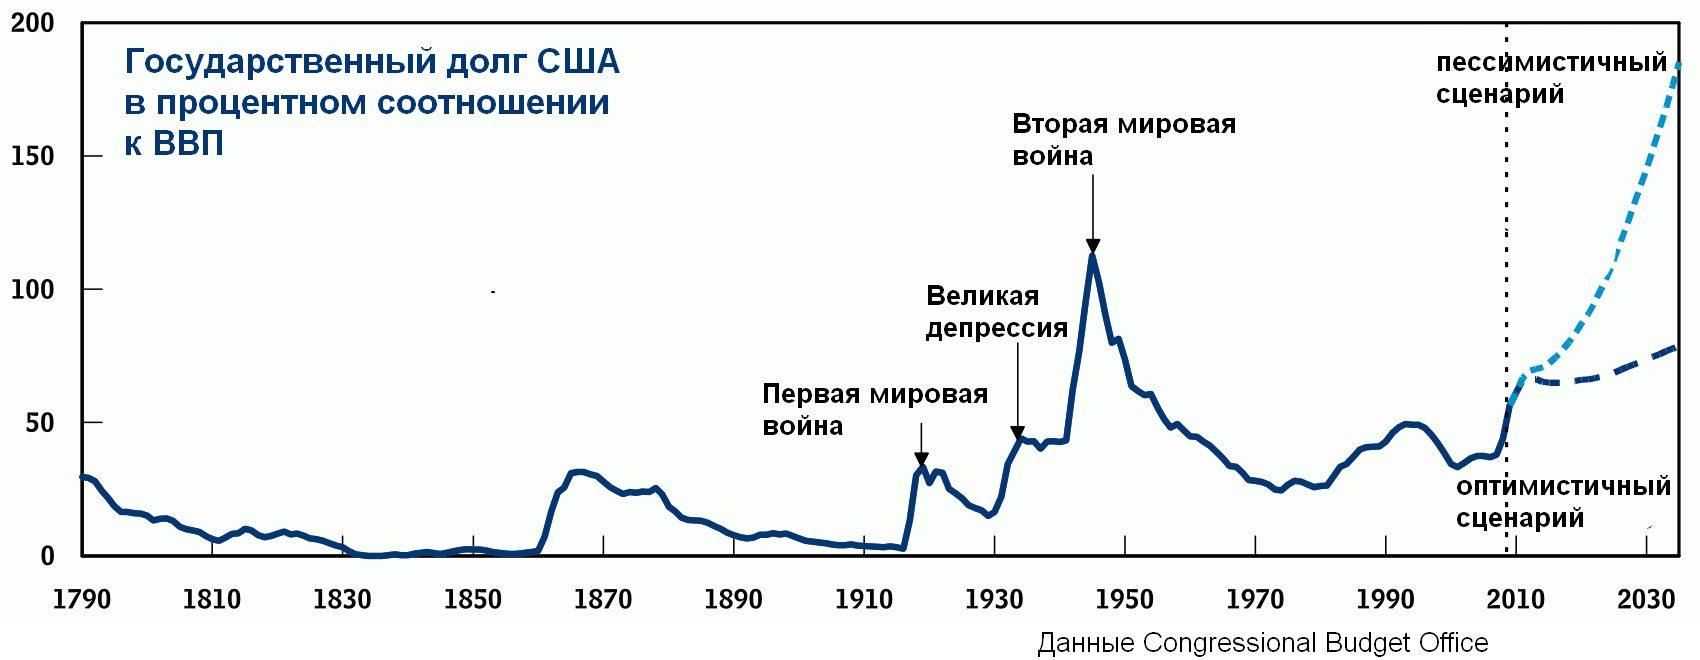 Долг сша, долг сша россии и китаю, долг сша к ввп